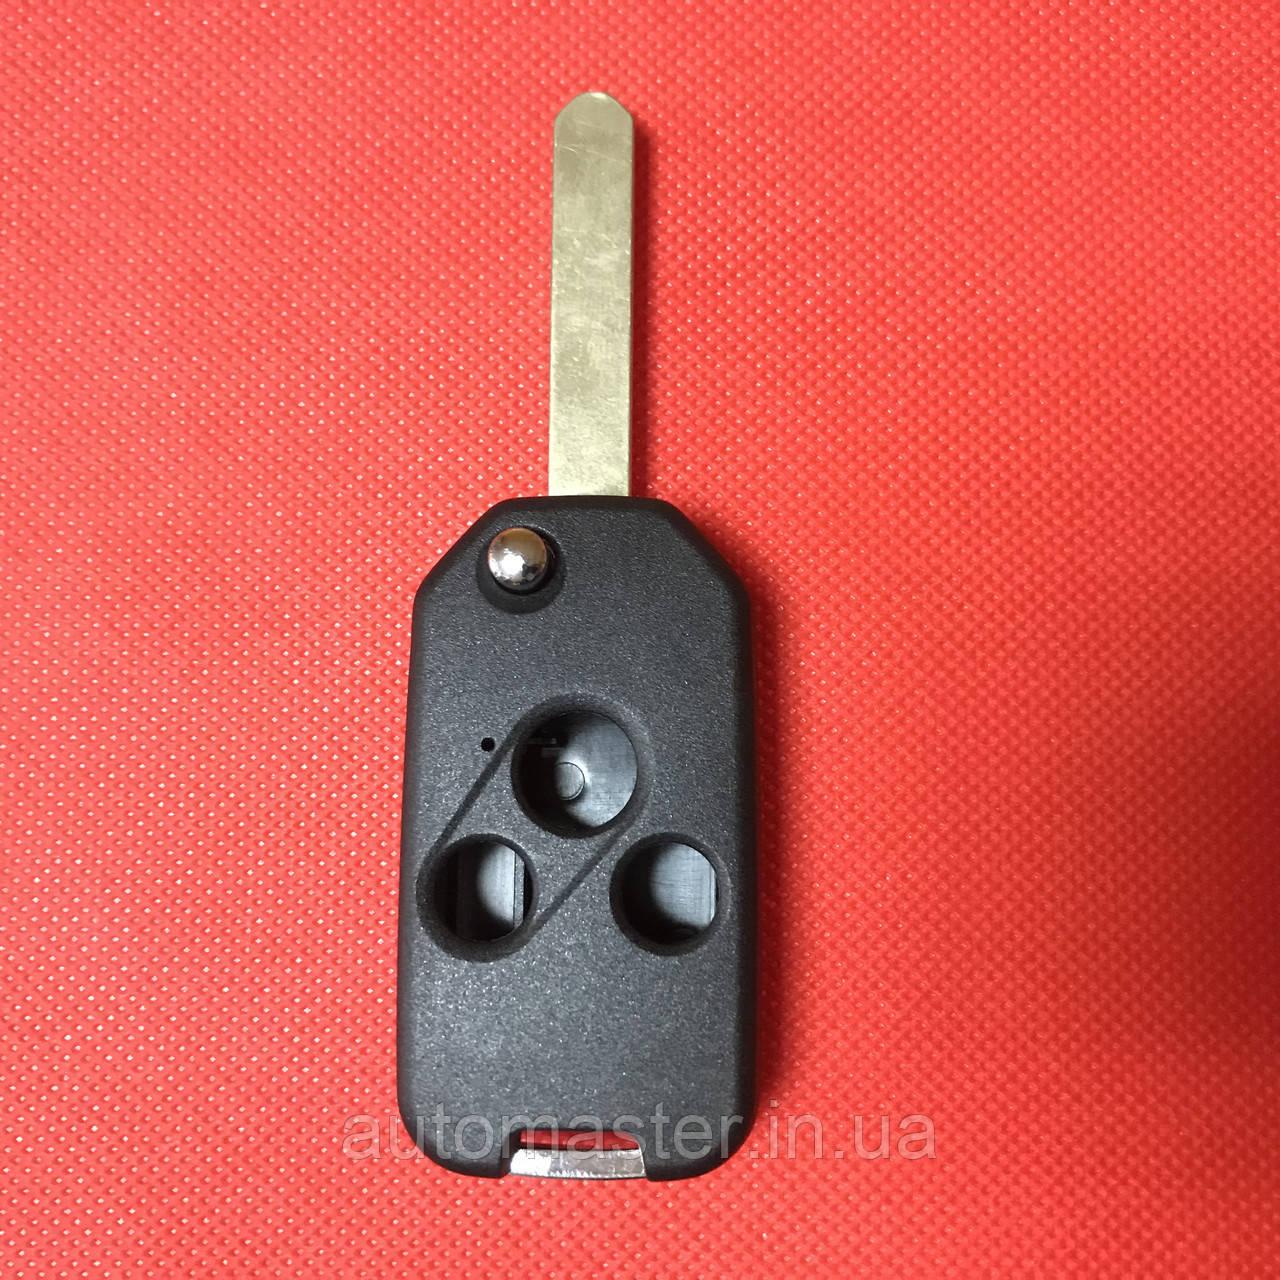 Корпус викидний ключ для переробки Honda (Хонда) 3 кнопки